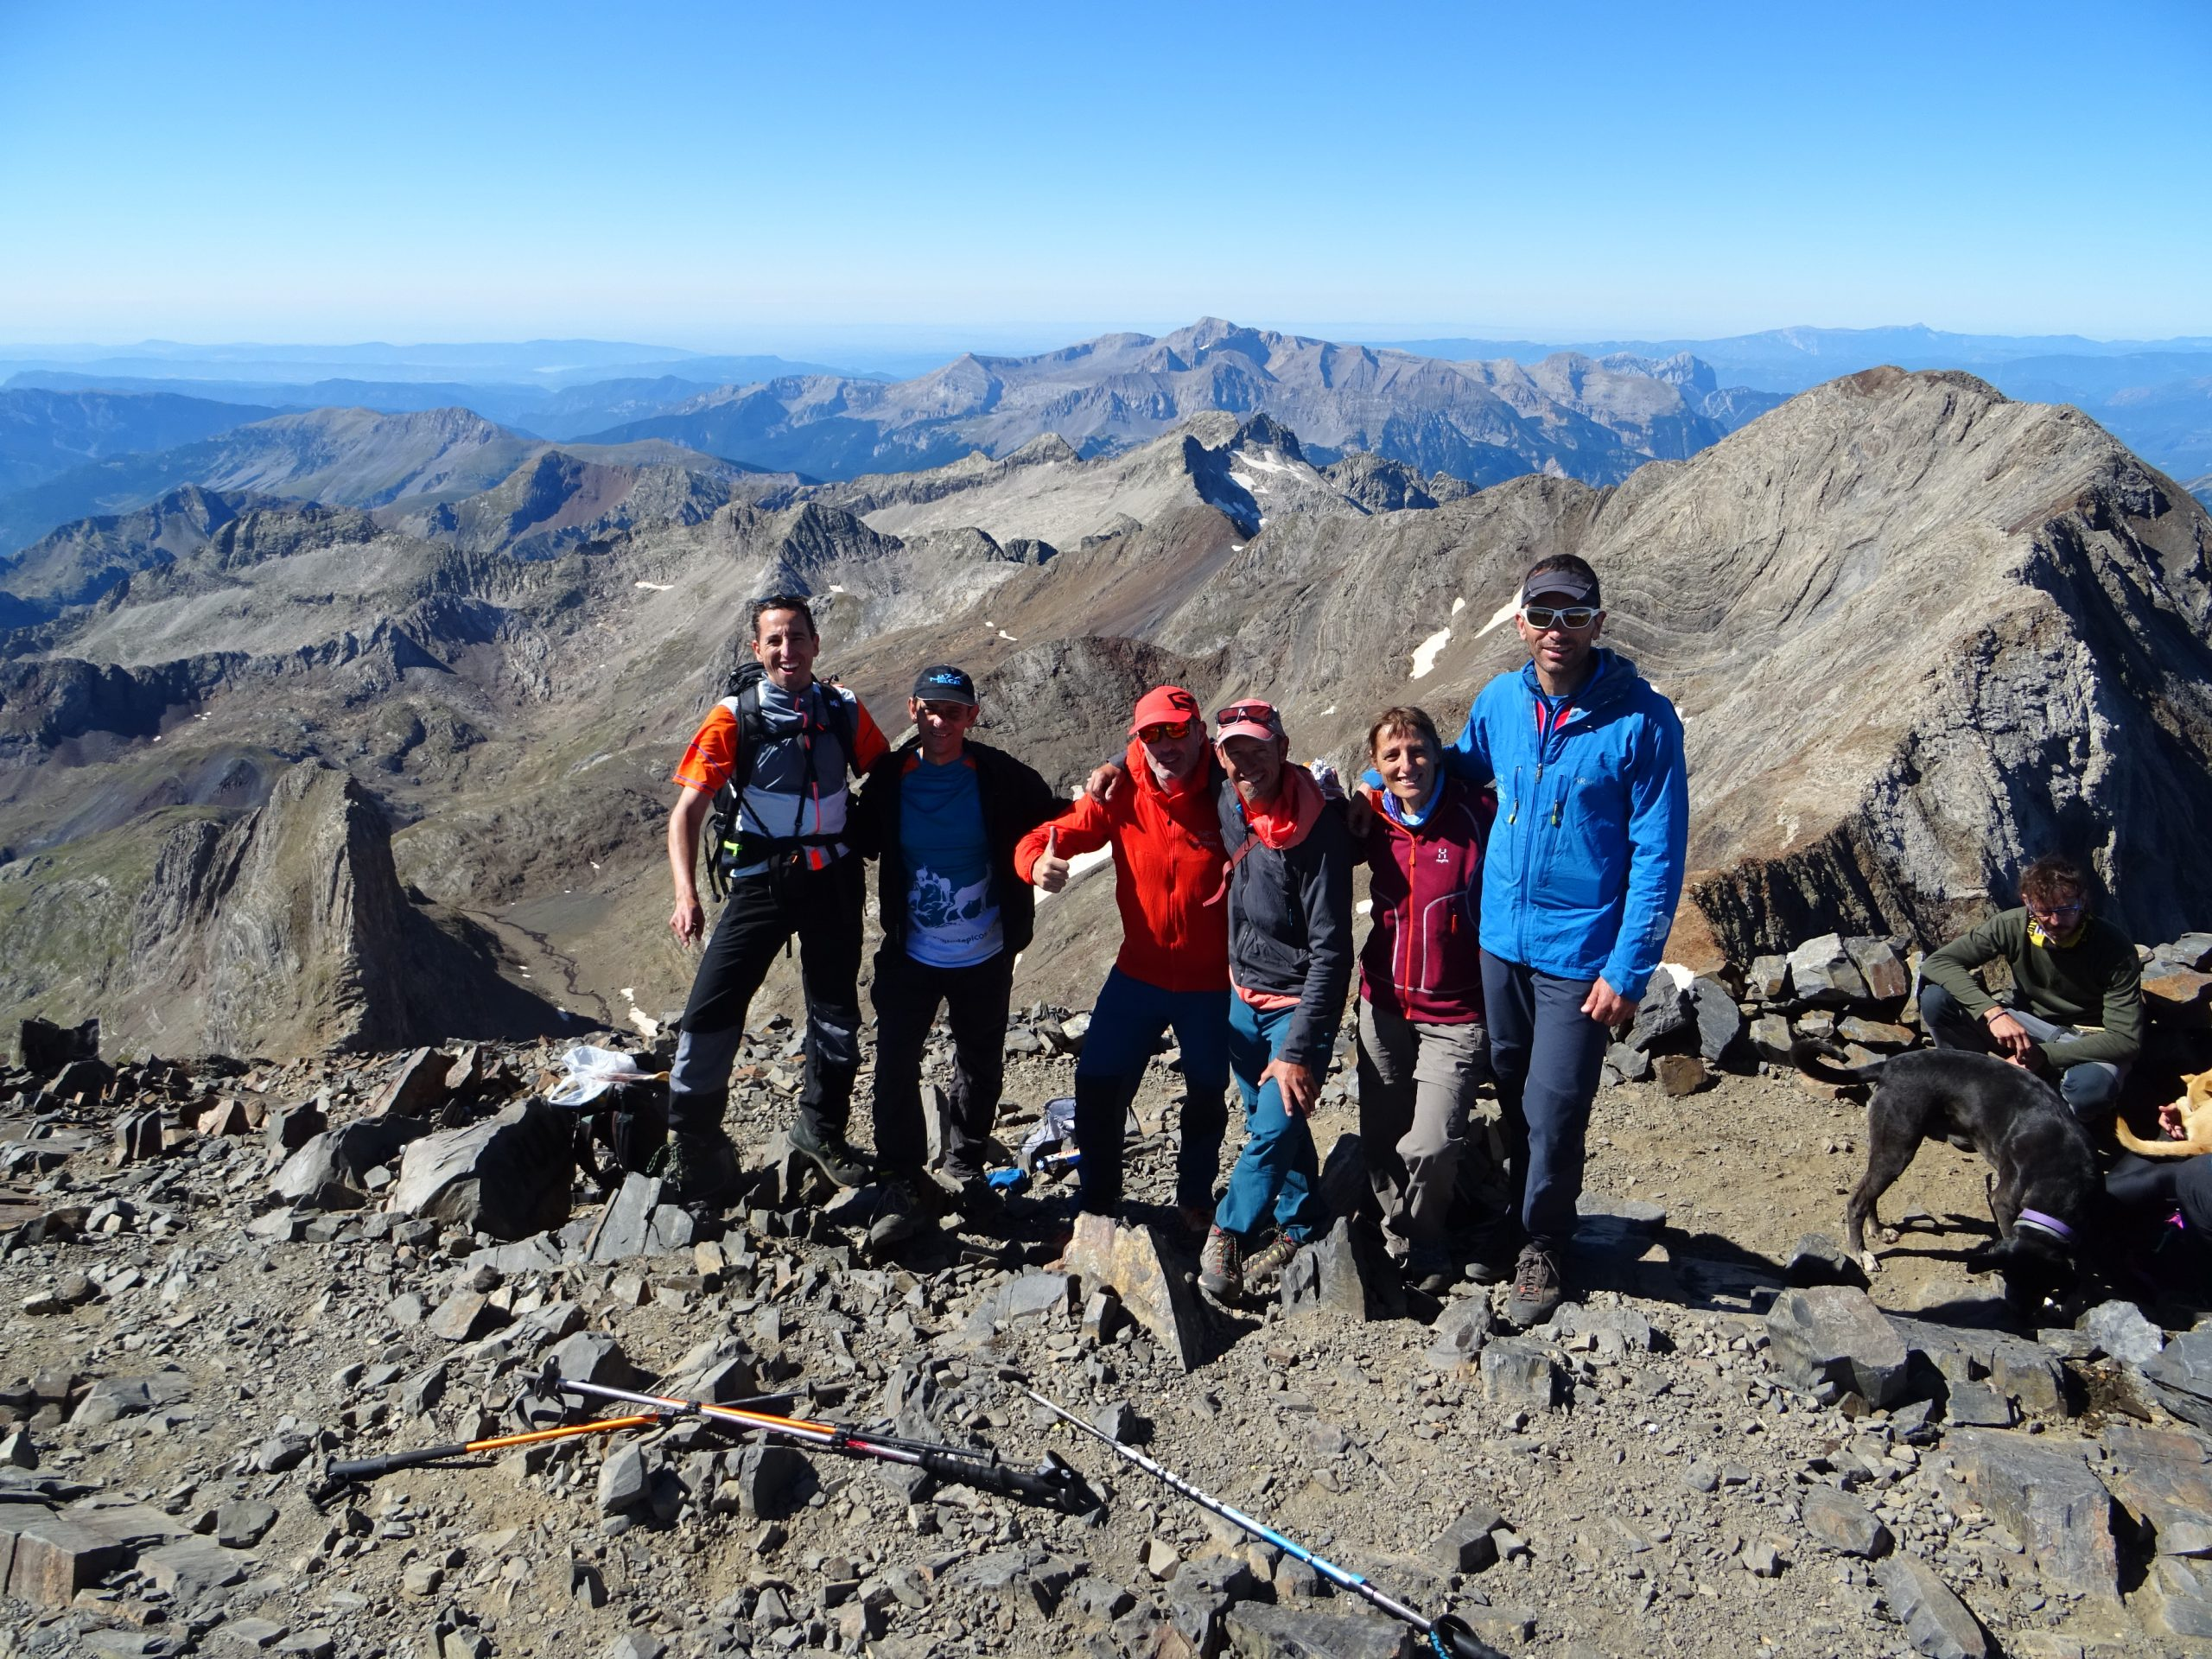 Ascenso al Posets. Trekking de los Tres Refugios. Pirineo Aragonés